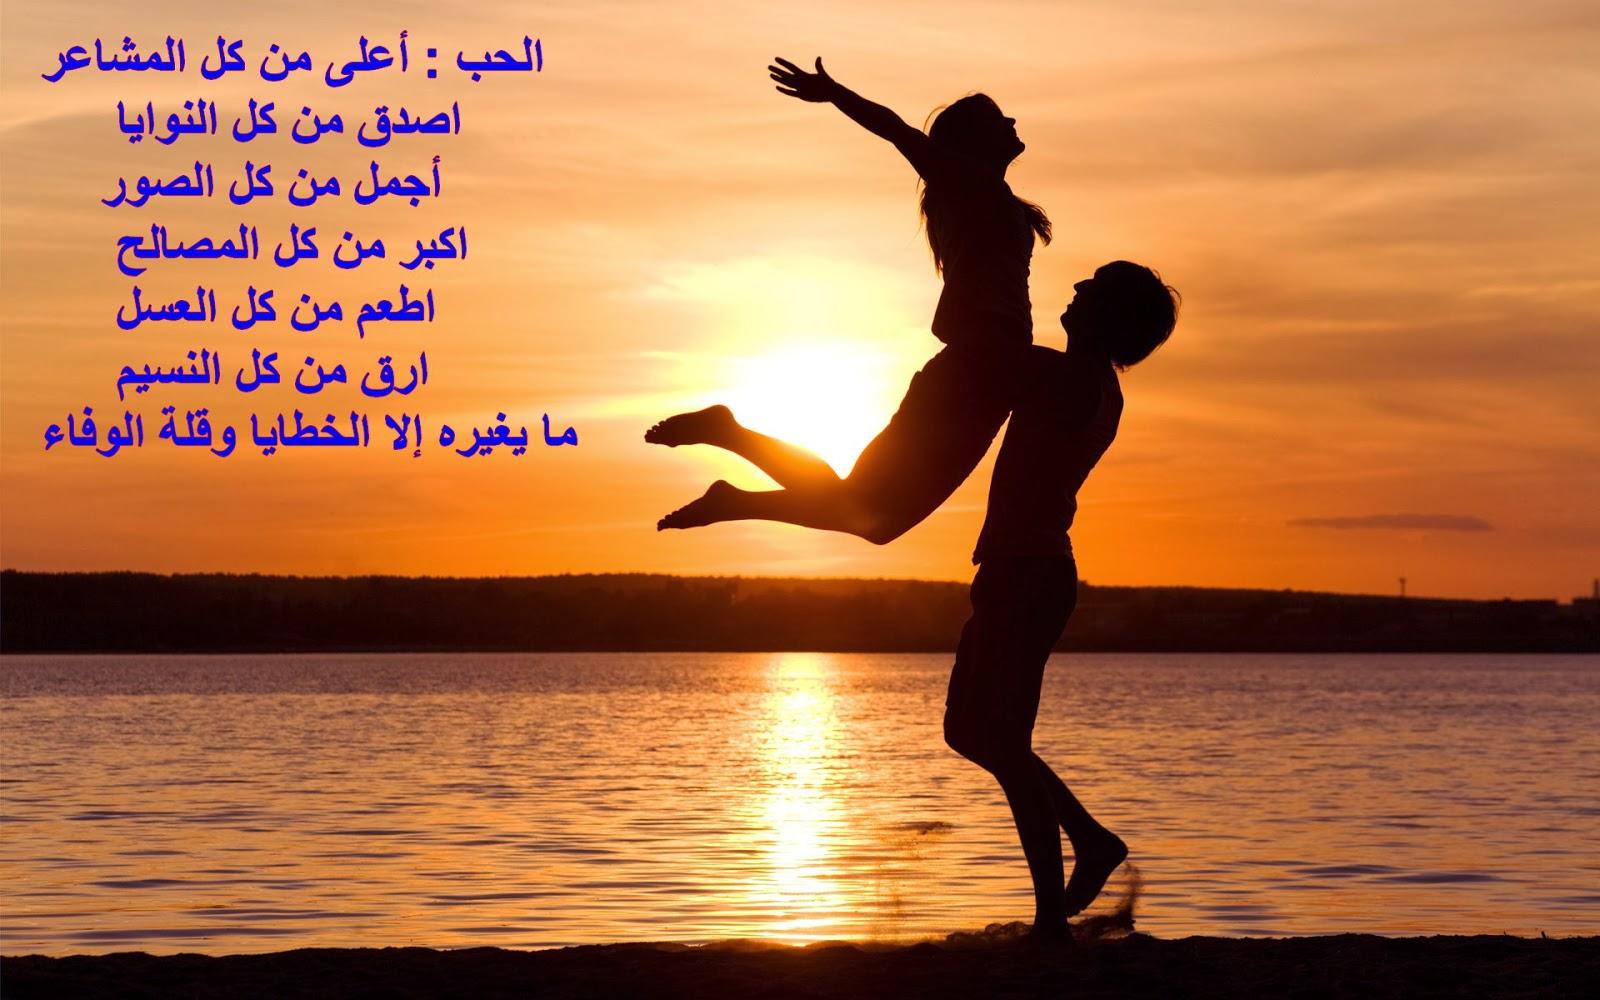 بالصور صور كلام عن الحب , احلى كلام عن الحب 5753 5